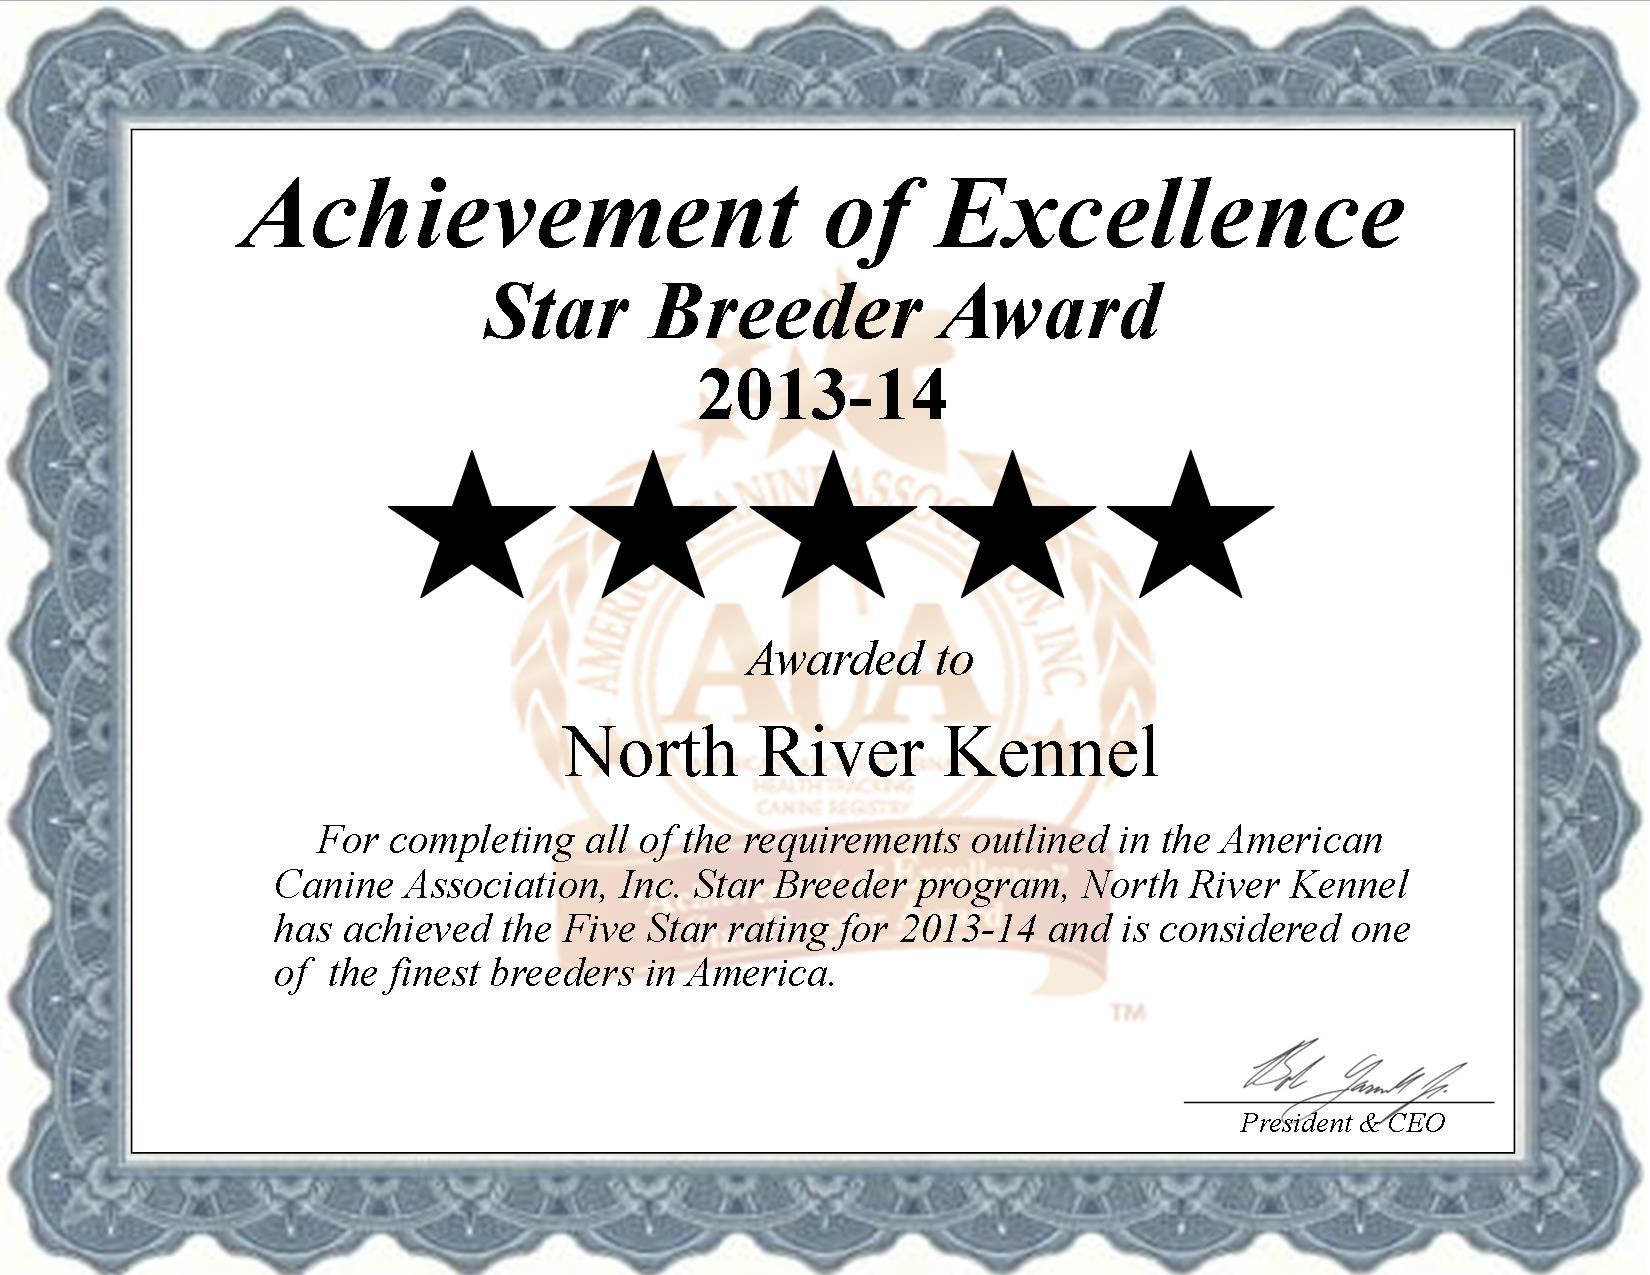 North River Kennel, North, North River, North Kennel, mike, River Kennel, North River kennels, kennel, north river breeder, star breeder, 5 star, USDA, novelty missour, novelty, mo, missouri, dog law, dog, puppy, puppies, ACA, starbreeder